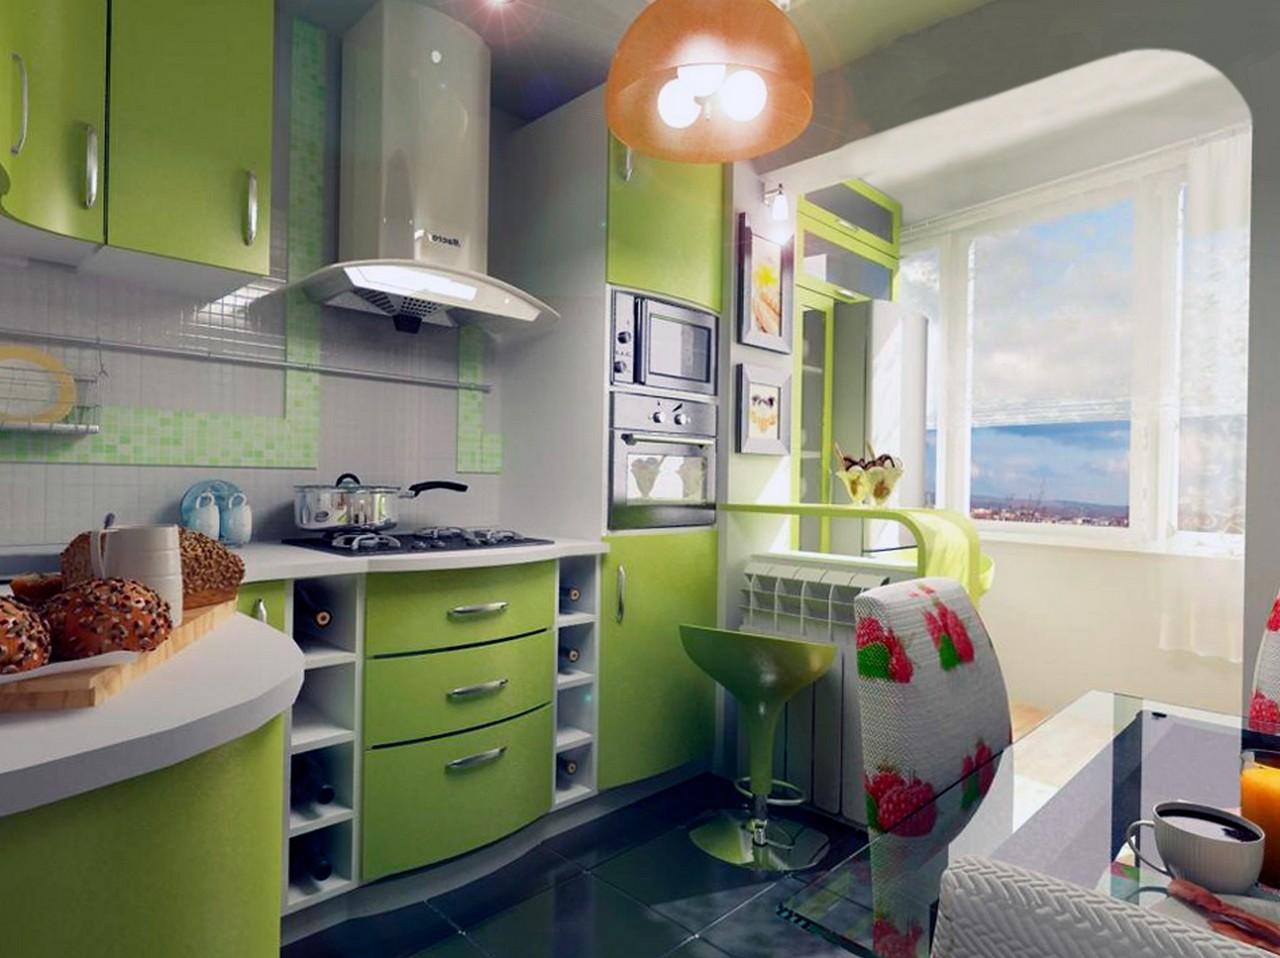 Дизайн малогабаритной кухни с балконом дизайн кухни - фото, .